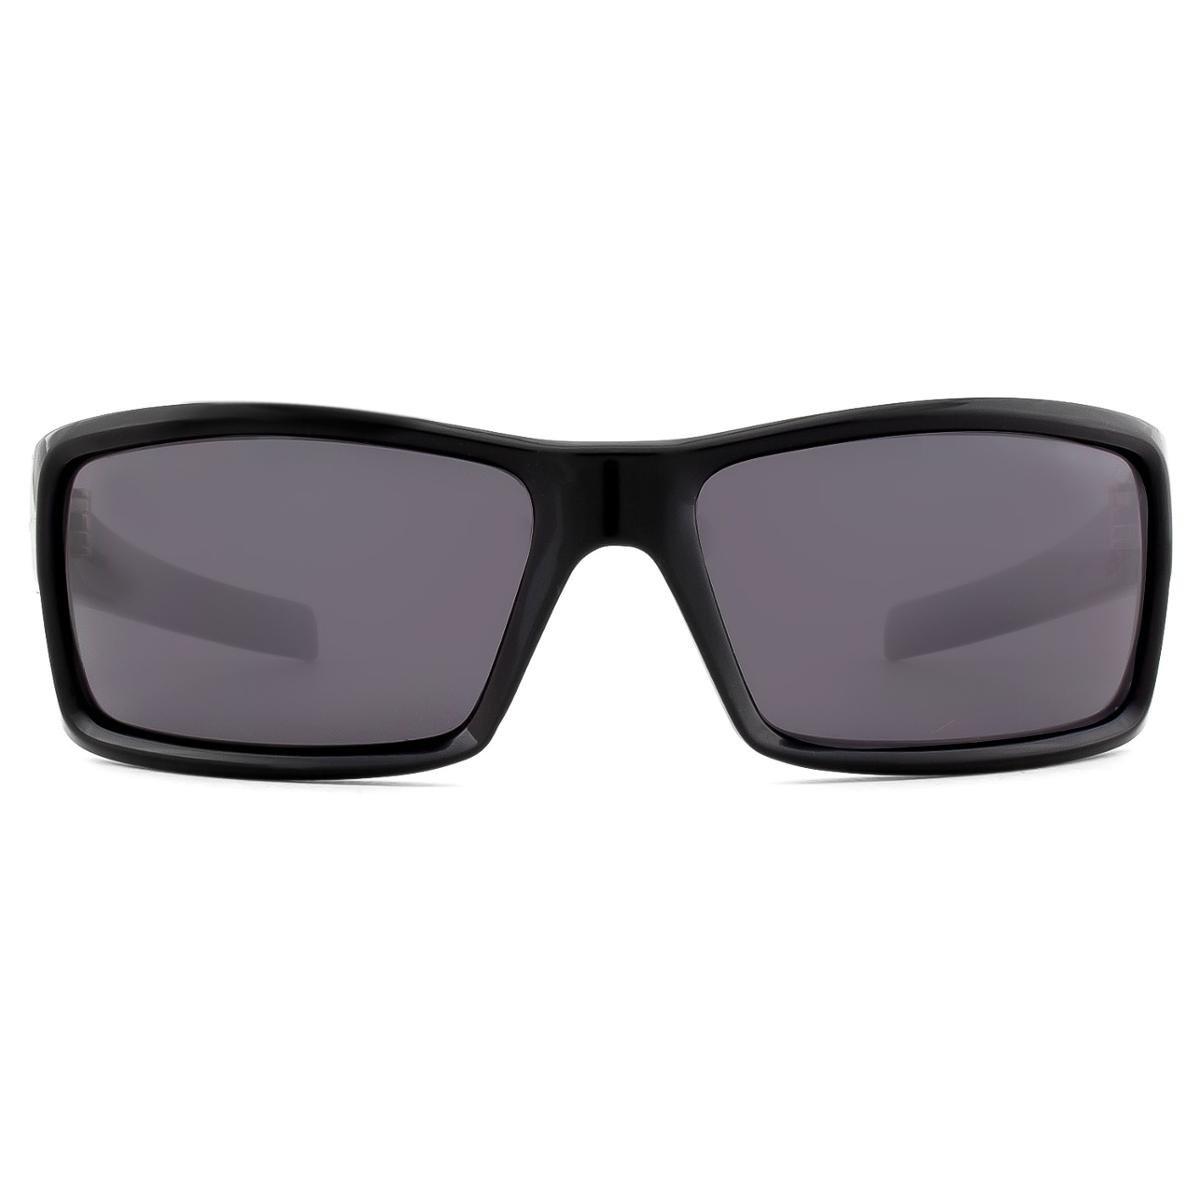 32bb98311ea0f Óculos HB Riot 90081 00200 - Compre Agora   Netshoes